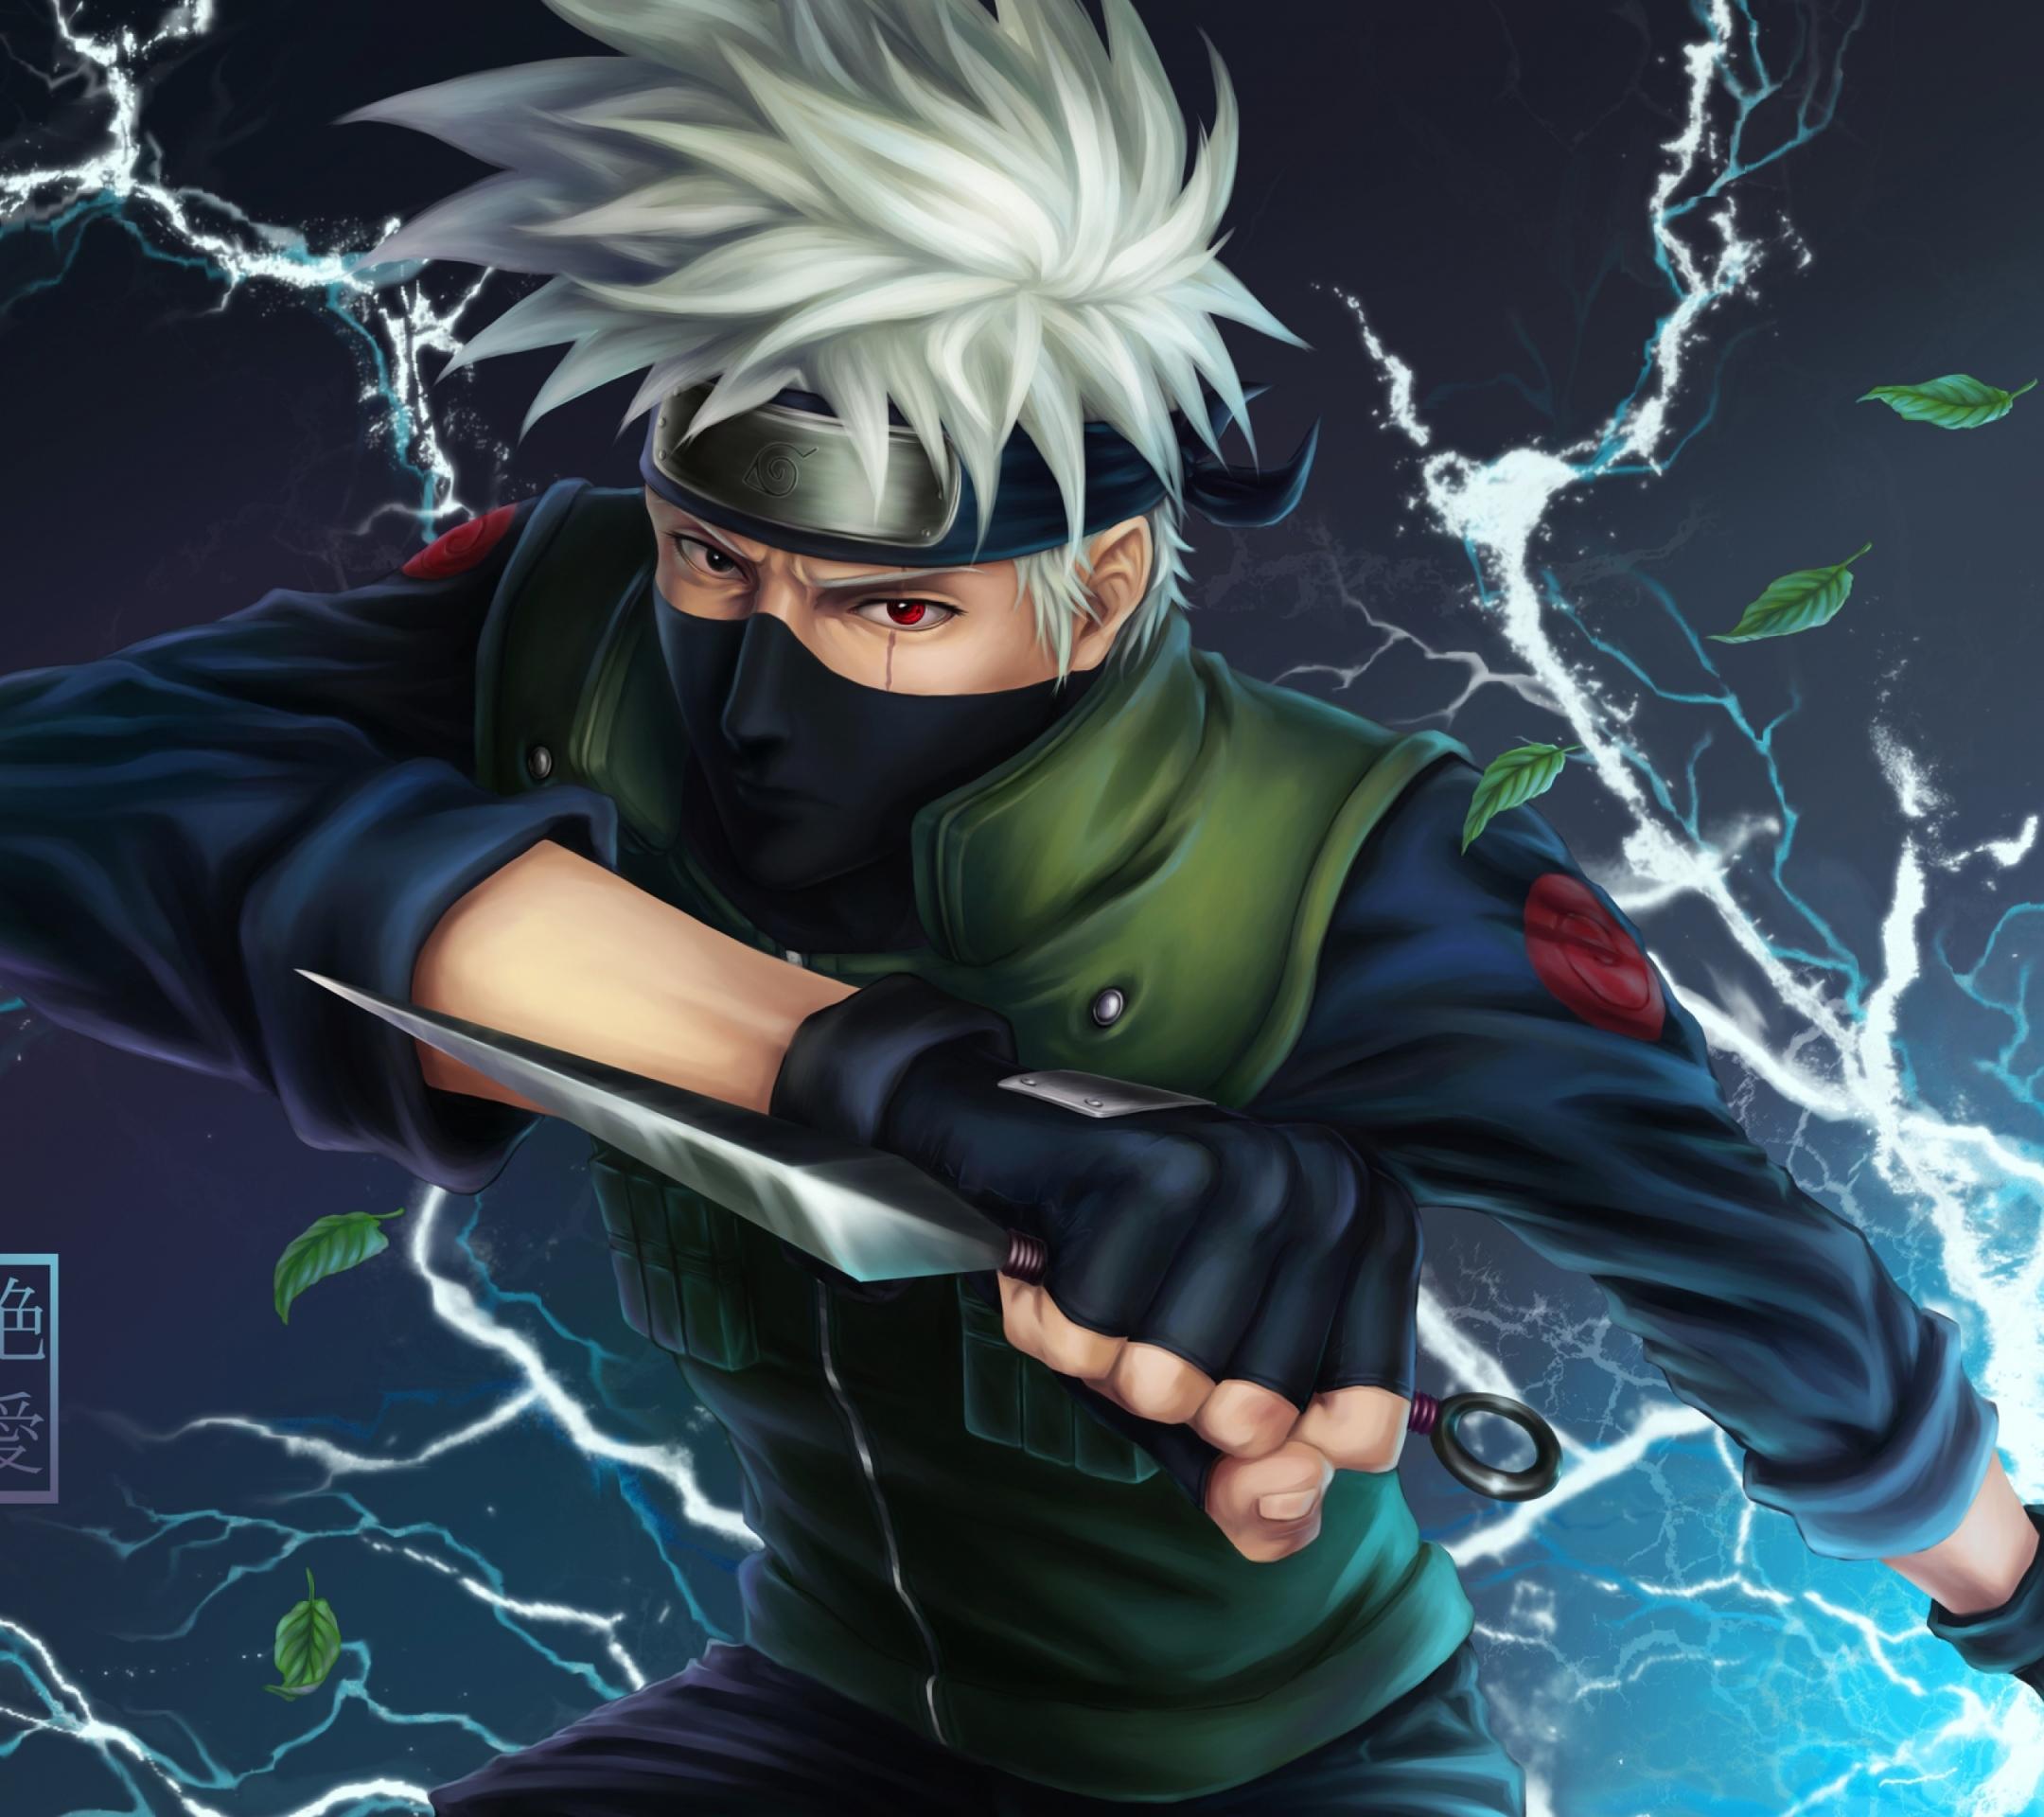 Pc Anime Wallpaper Hd 2160x19 Wallpaper Teahub Io